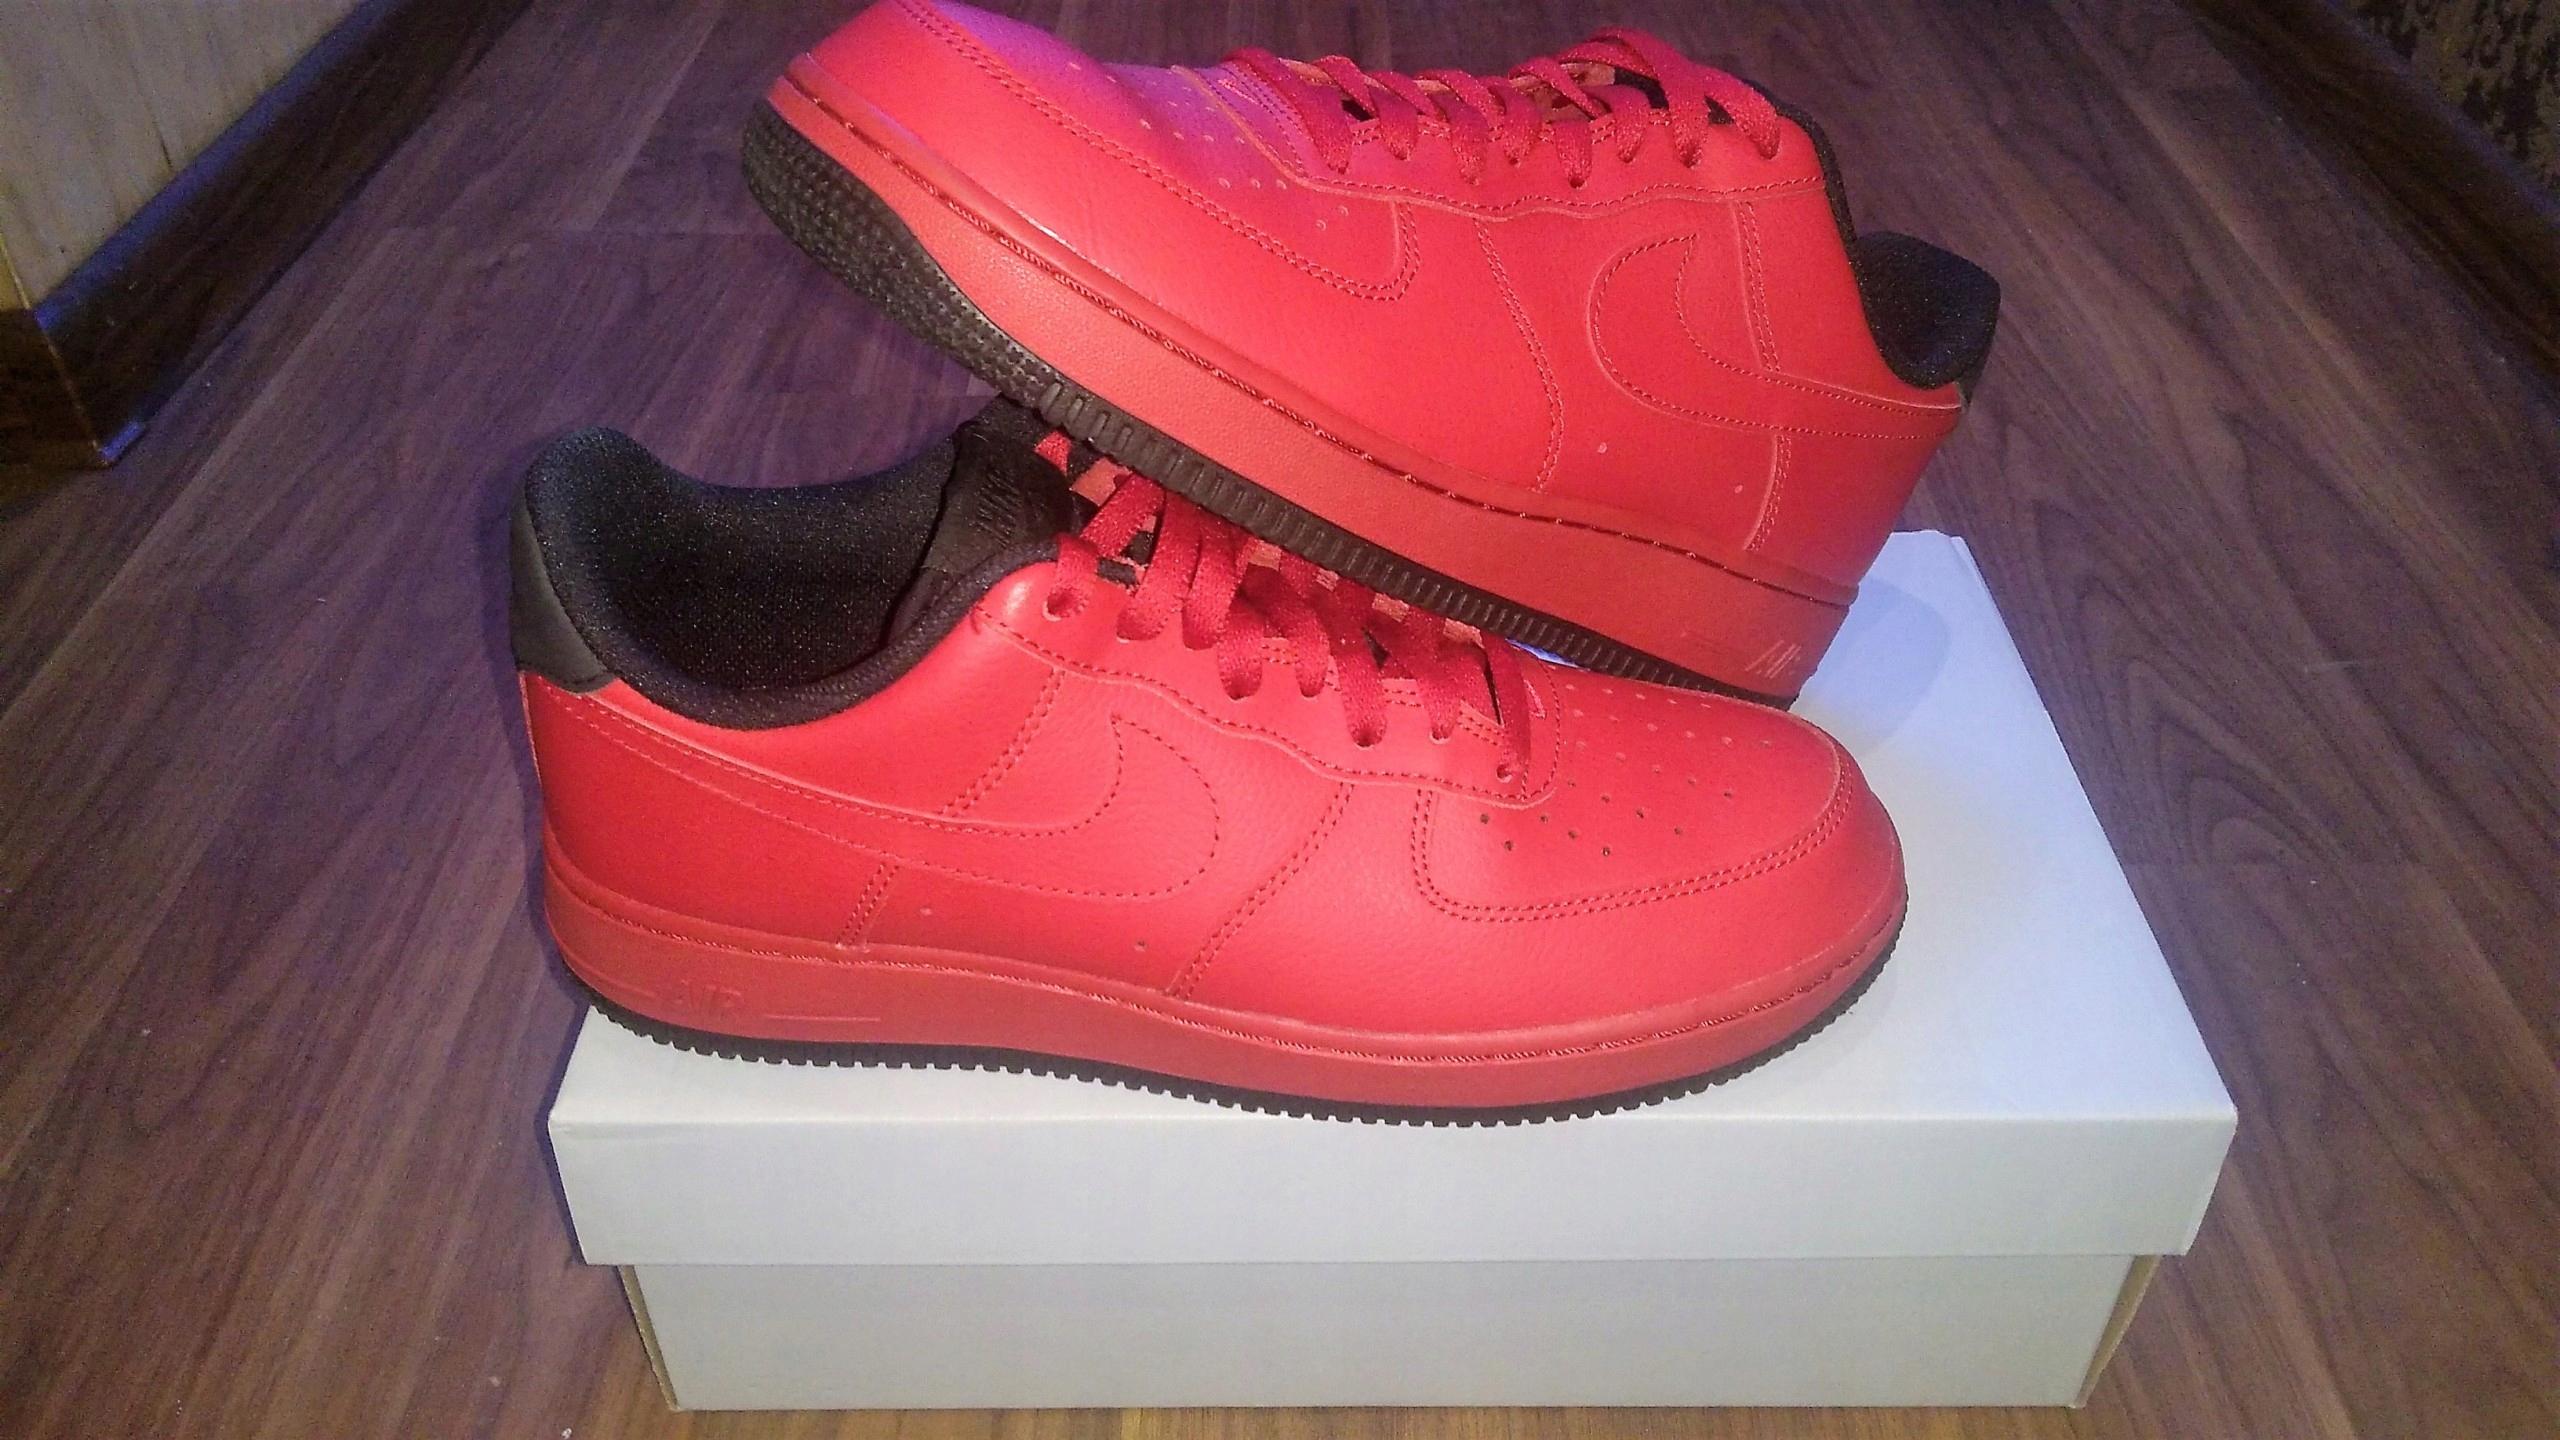 c9da46ba Buty Nike Air Force 1 07 czerwone 41 - 7430265463 - oficjalne ...